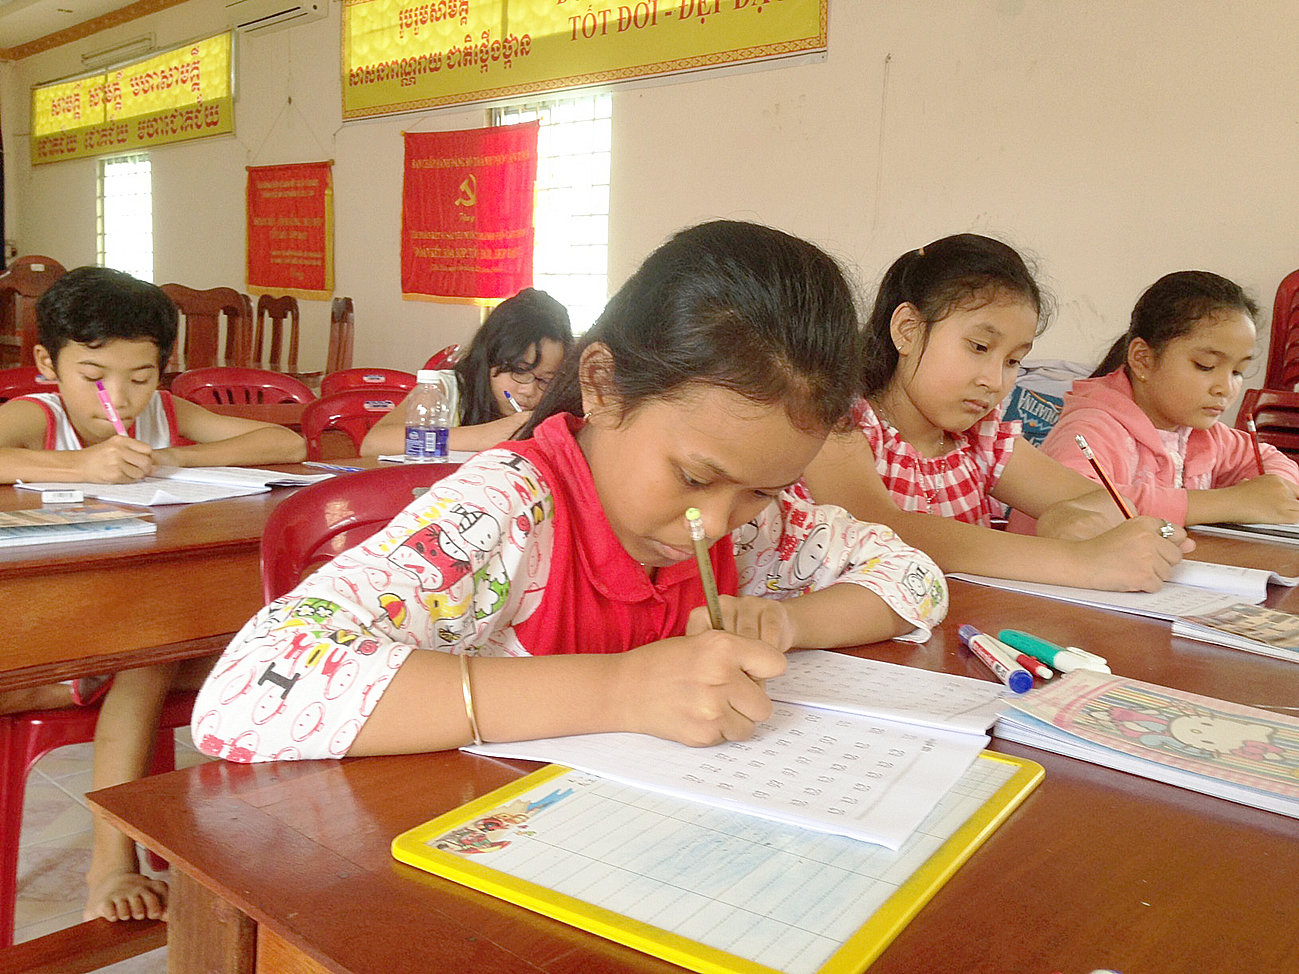 Lớp dạy chữ Khmer tại Chùa MuNiRăngSây, TP Cần Thơ. Ảnh: Ngọc Tươi